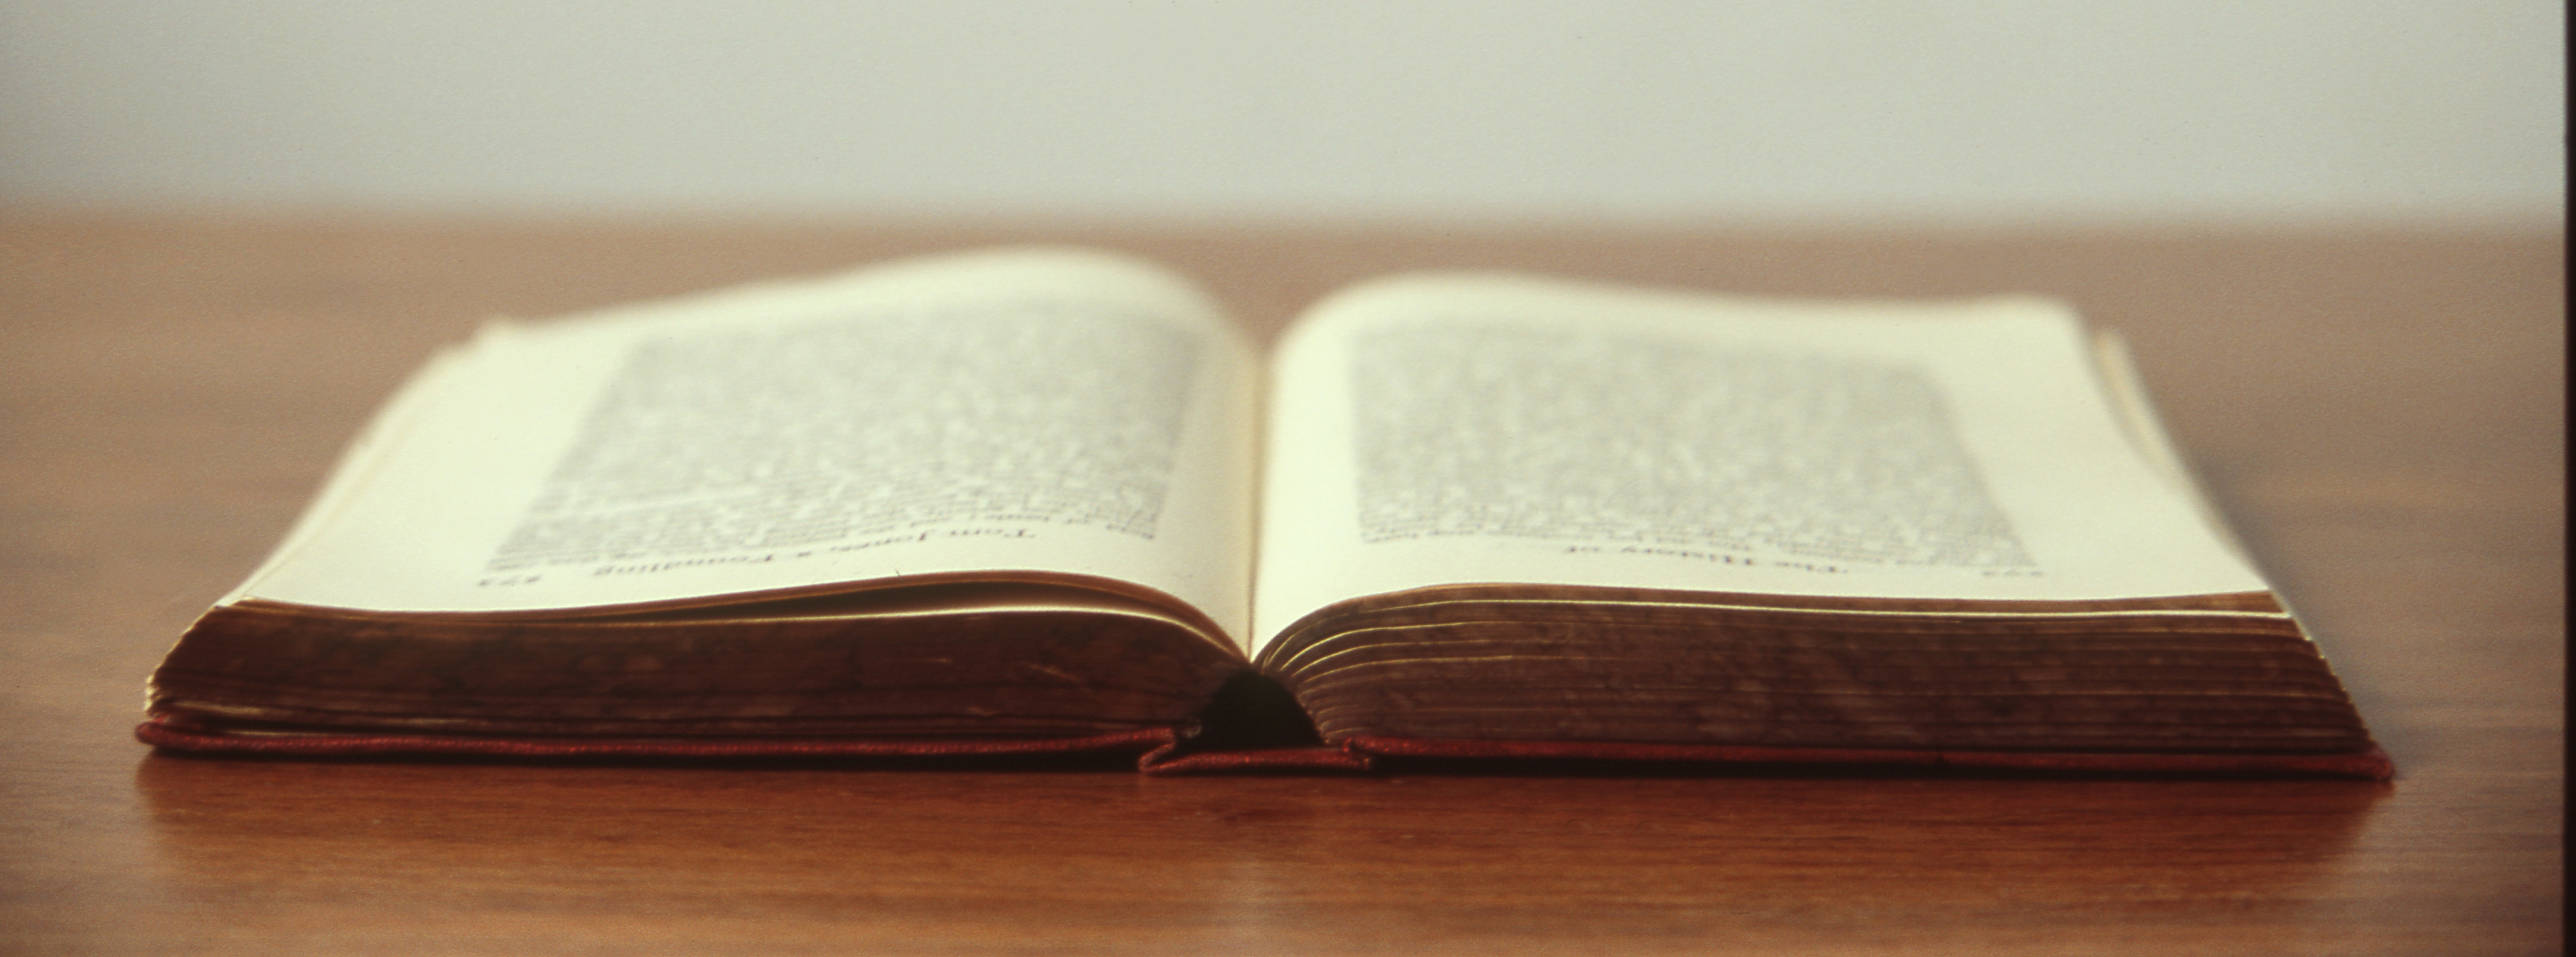 alejandroescamilla-book.jpg